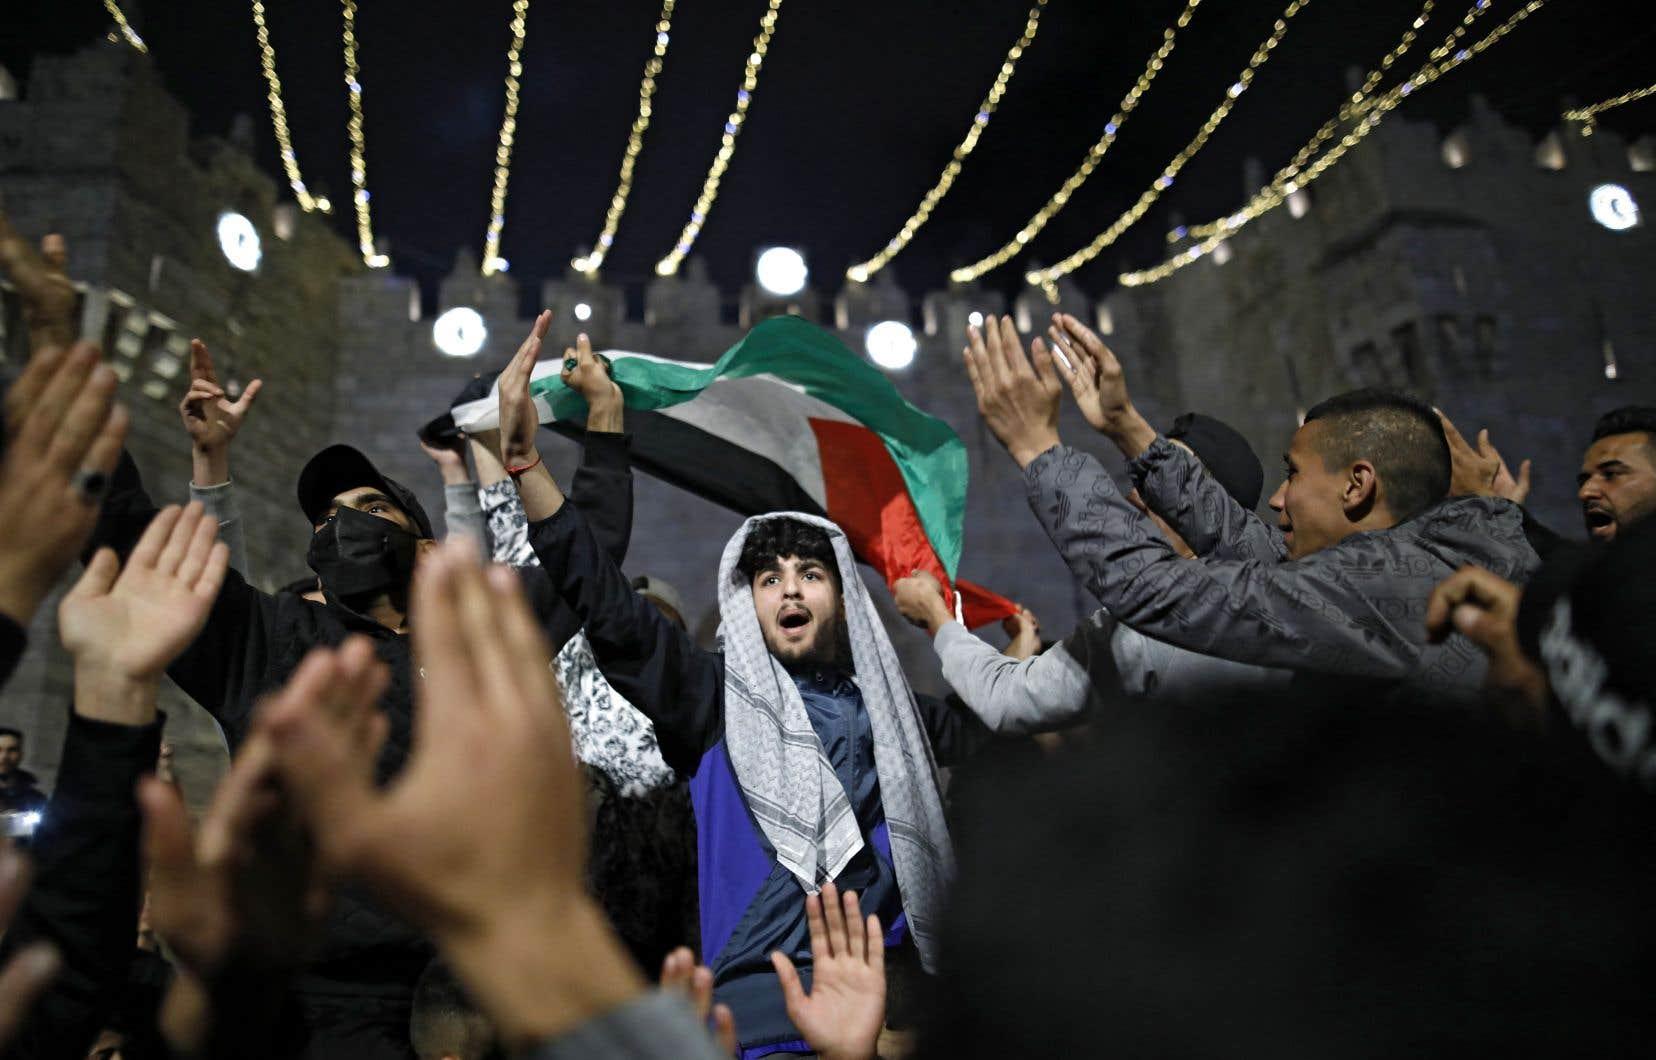 L'annonce de Mahmoud Abbas a semé la déception chez les Palestiniens, qui voient dans ce report sans nouvelle date une annulation pure et simple des premières élections palestiniennes en quinze ans.